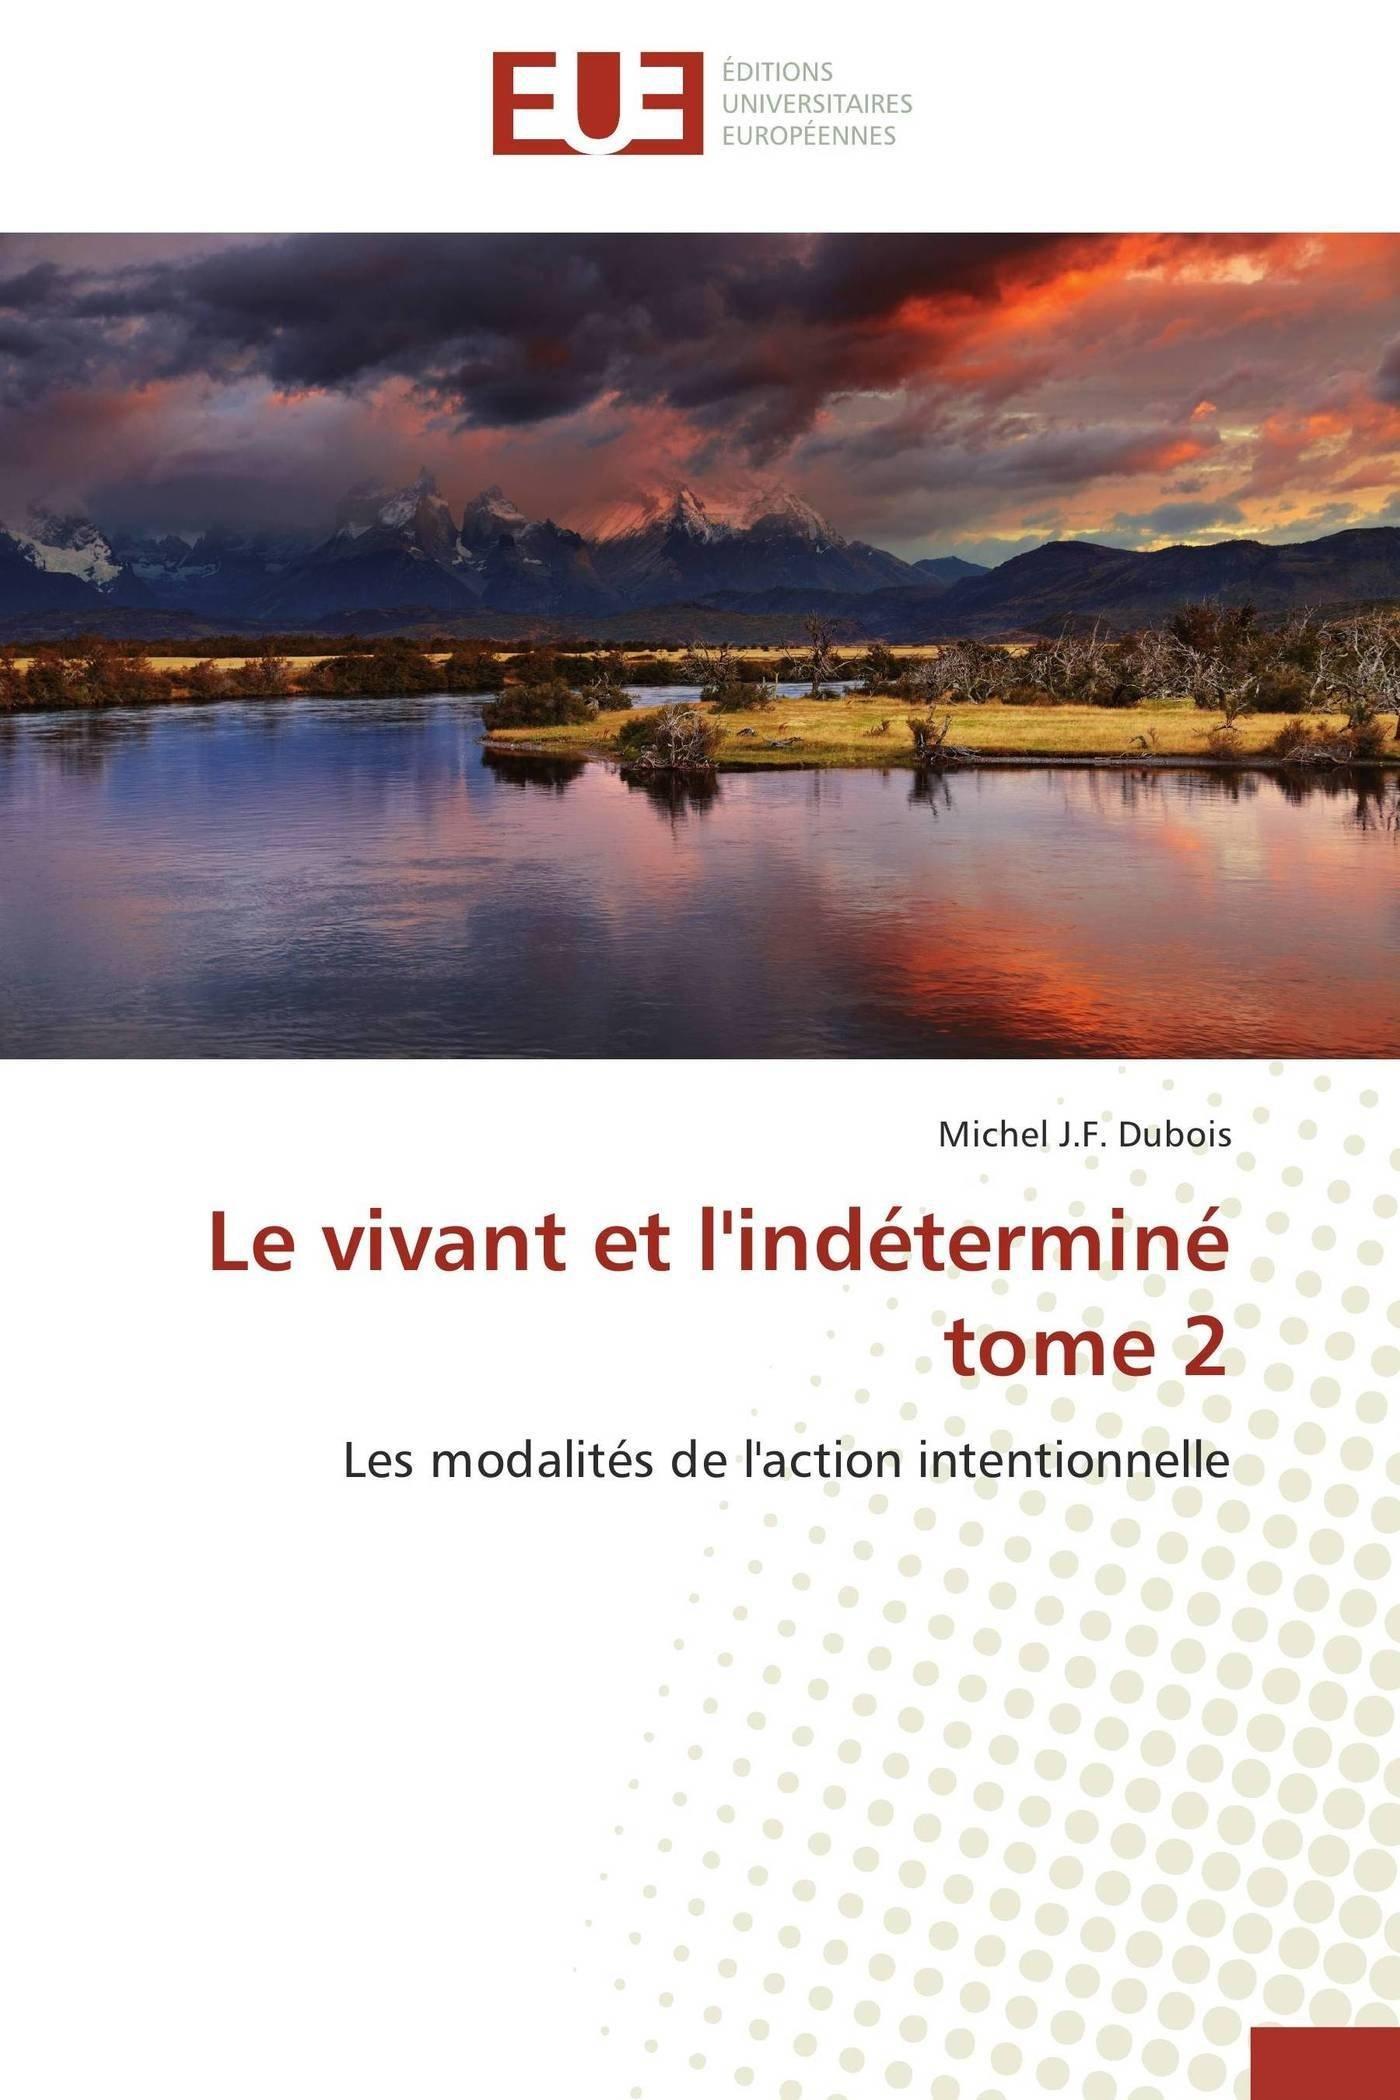 Le vivant et l'indéterminé   tome 2: Les modalités de l'action intentionnelle (Omn.Univ.Europ.) (French Edition) ebook